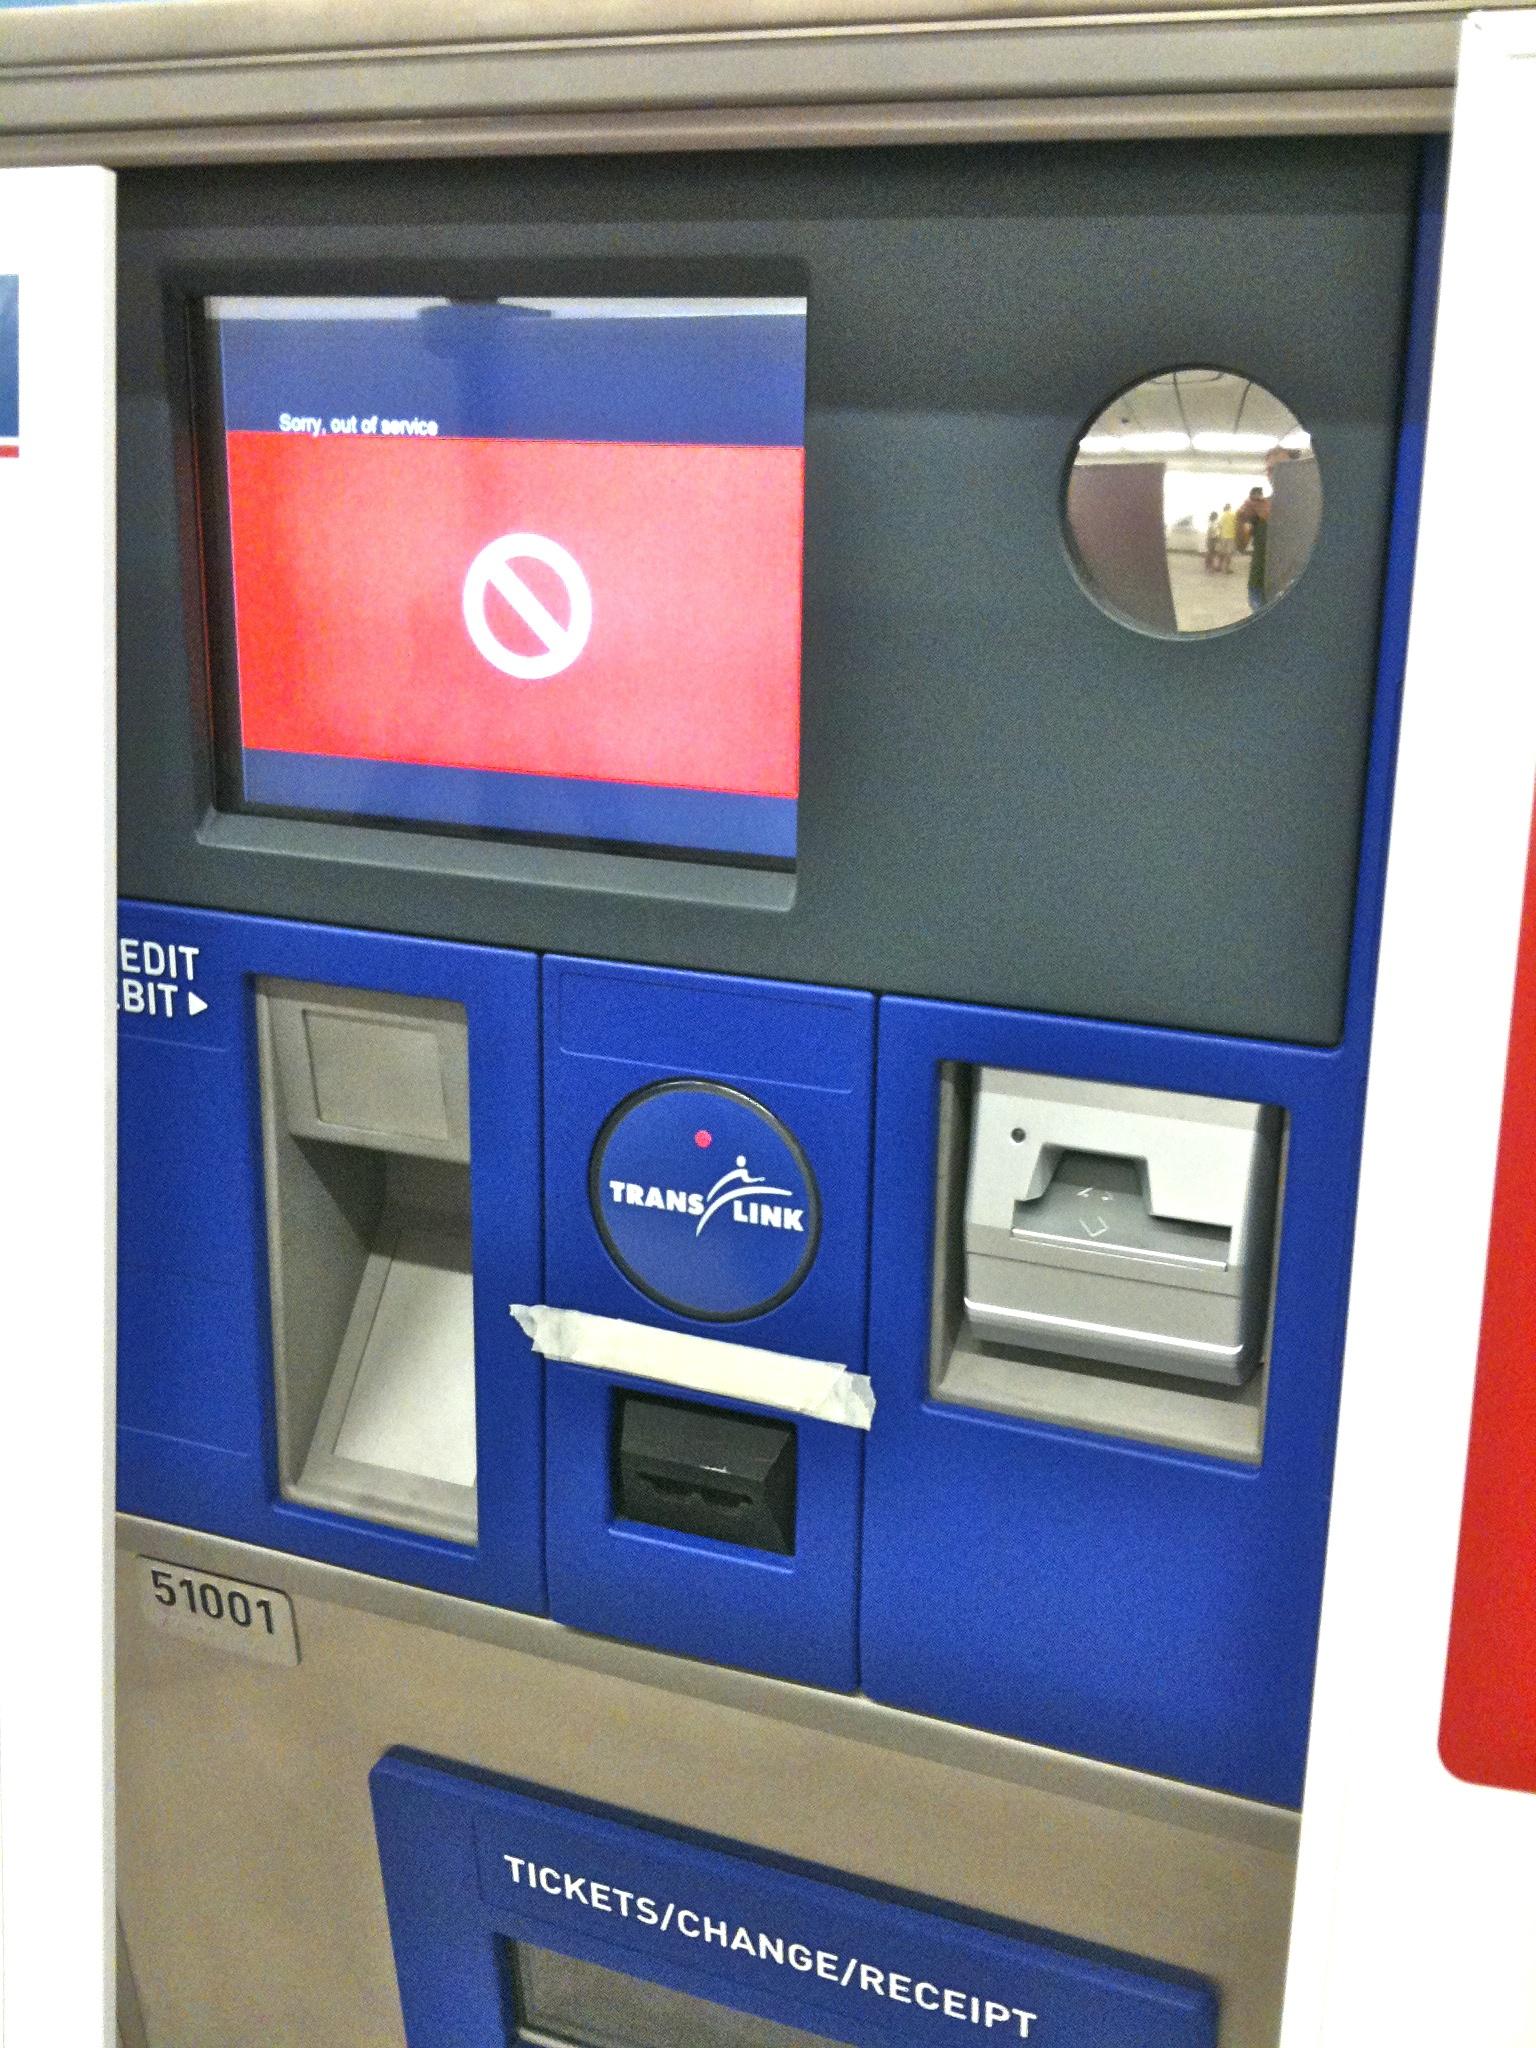 fare vending machine